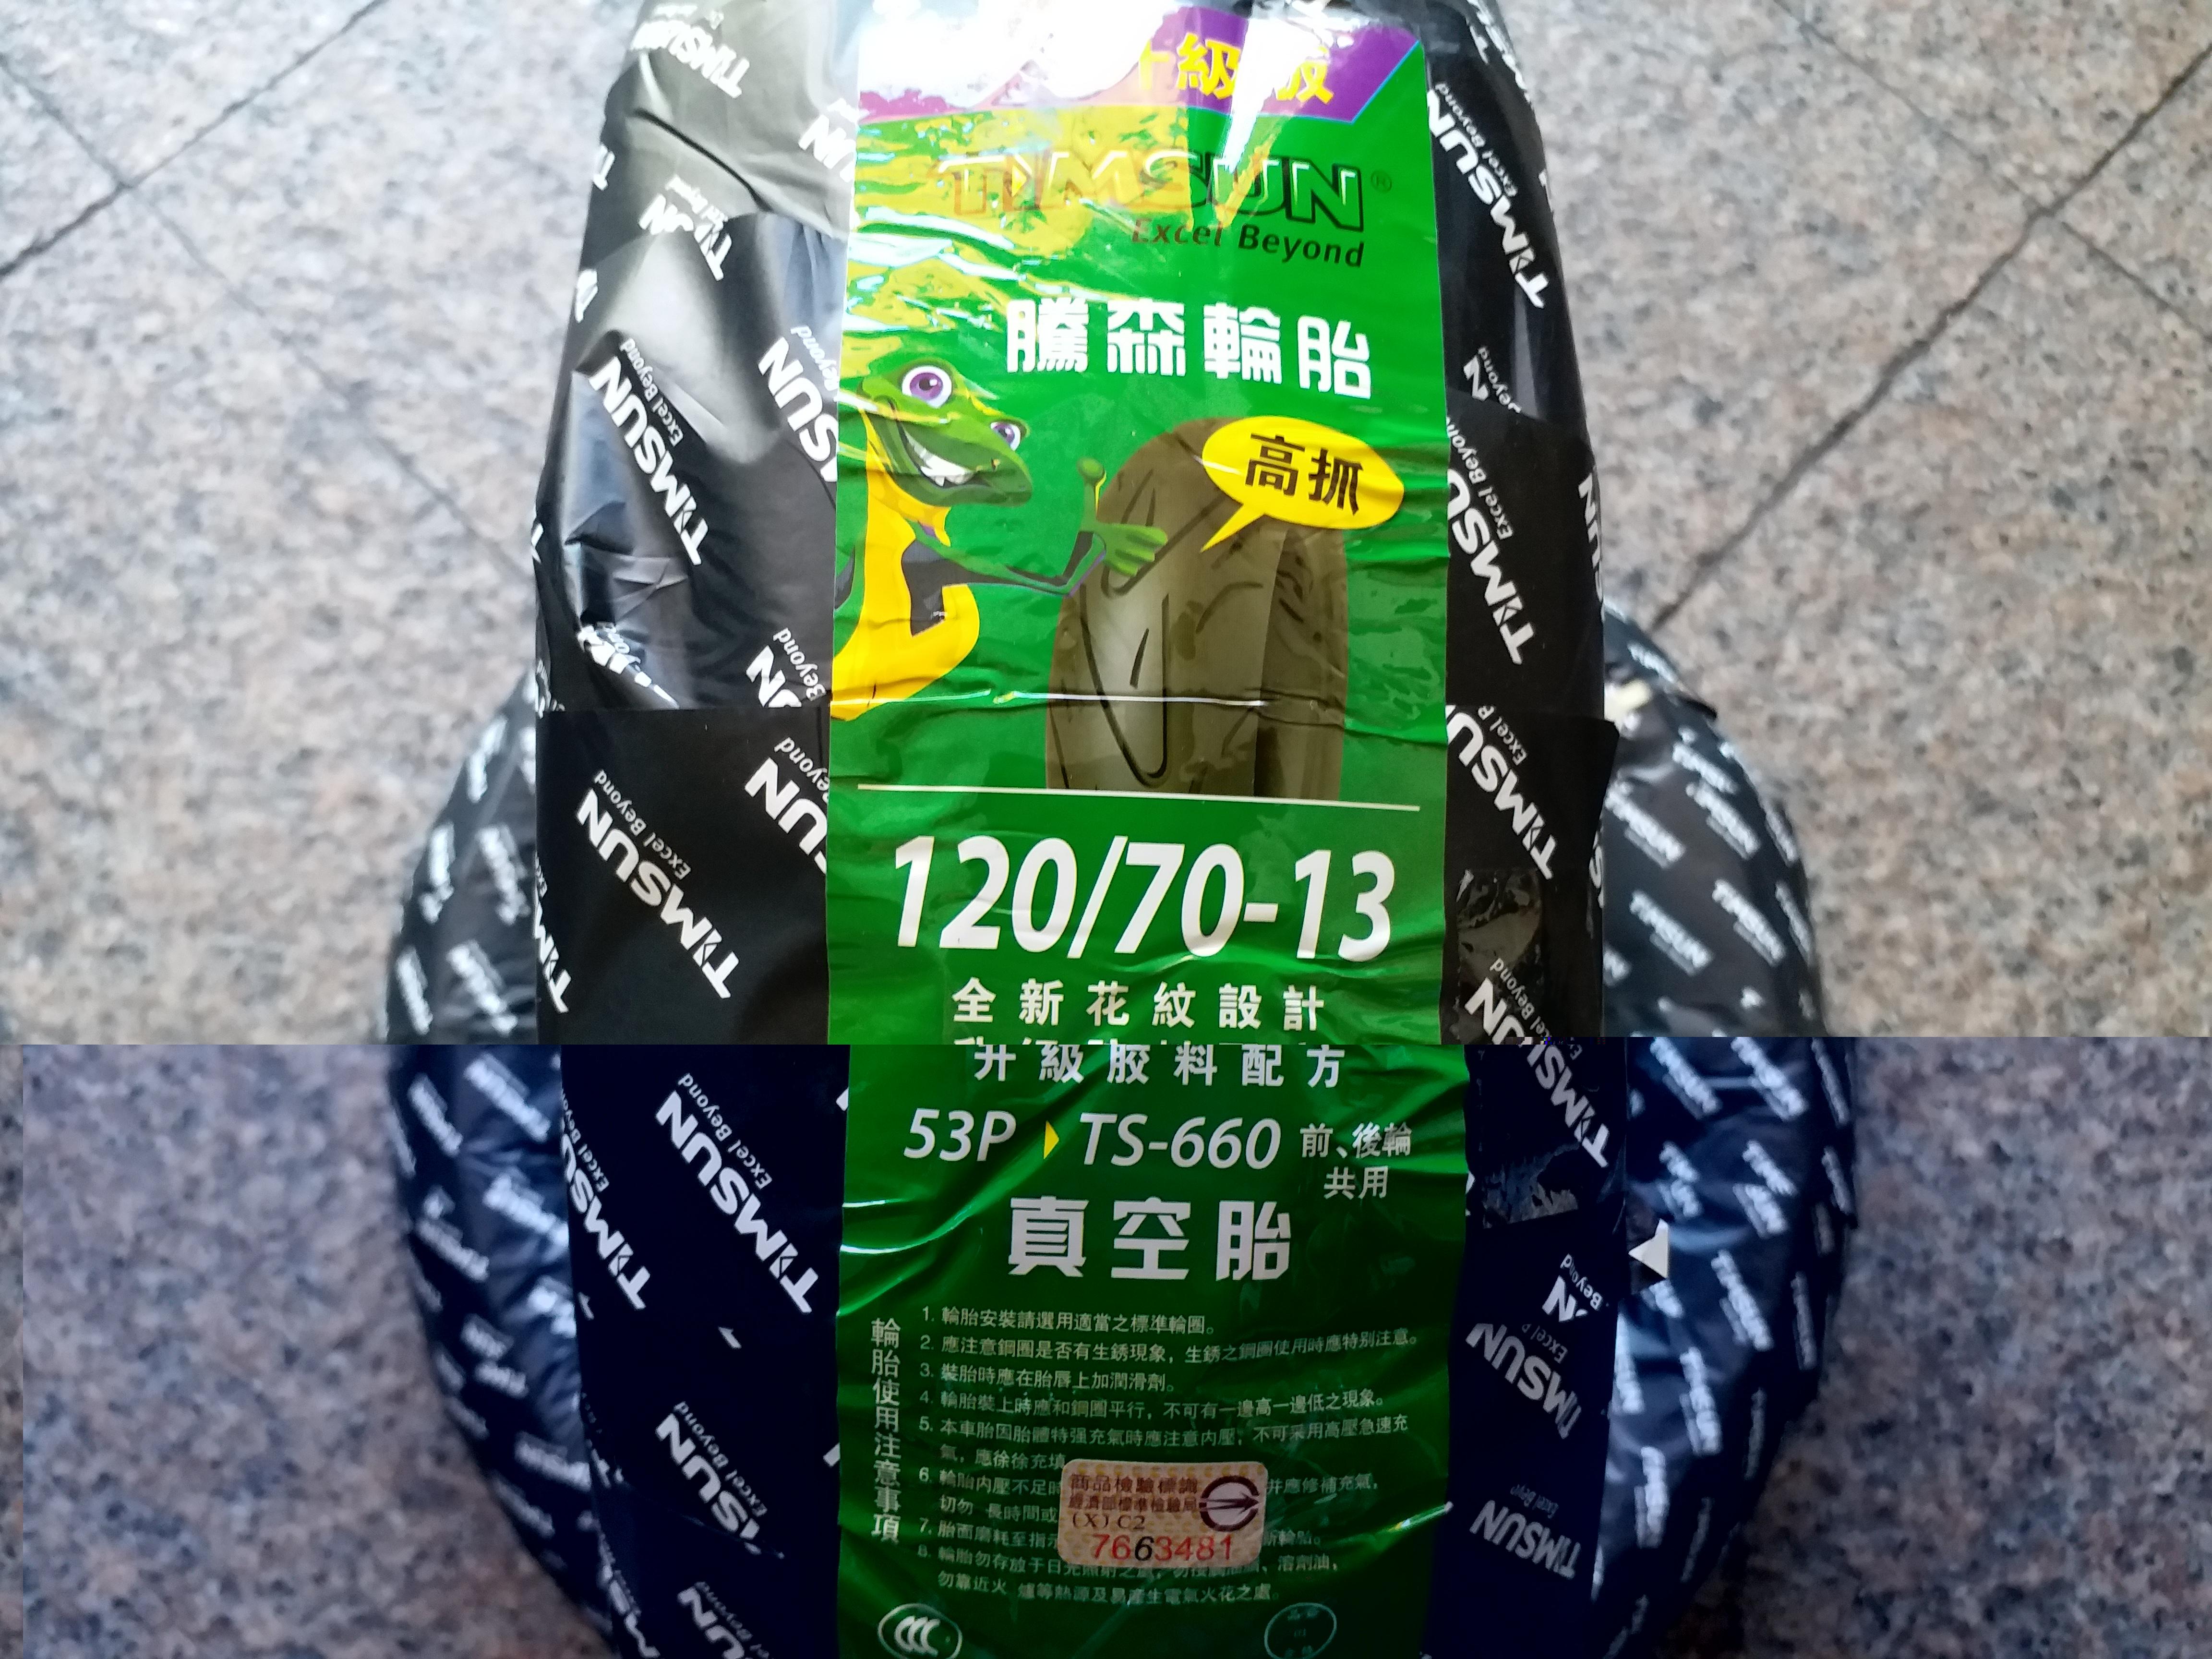 **勁輪工坊** (機車輪胎專賣店) 騰森輪胎 TS-660 120/70/13 130/70/13 140/70/13